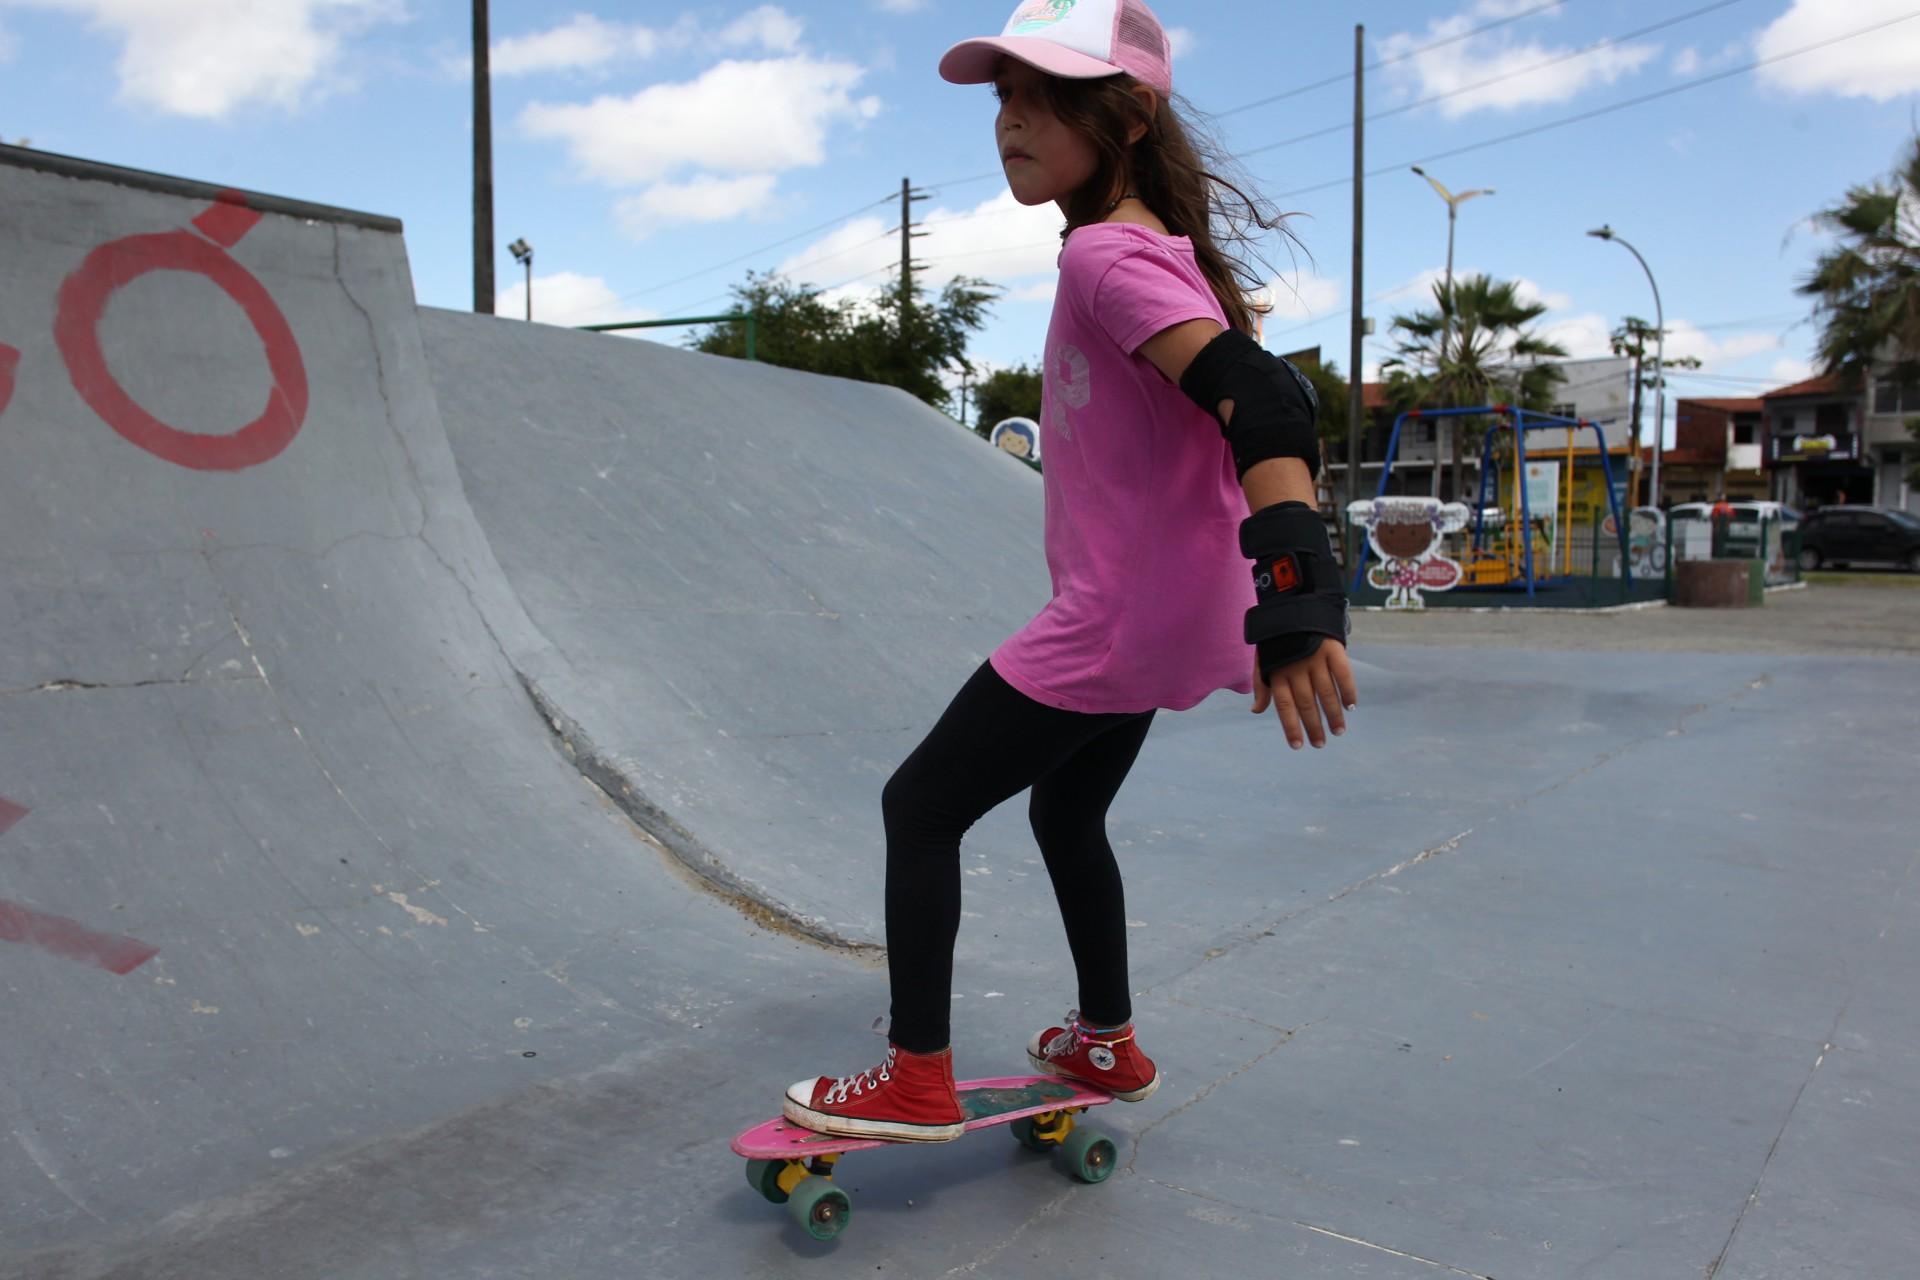 """(Foto: FABIO LIMA)Apesar de o skate ainda ser puramente diversão, Tereza Lara declara seu amor pelo esporte e diz ter sensação de liberdade: """"Eu me sinto livre, porque não preciso ficar o tempo todo em casa"""""""